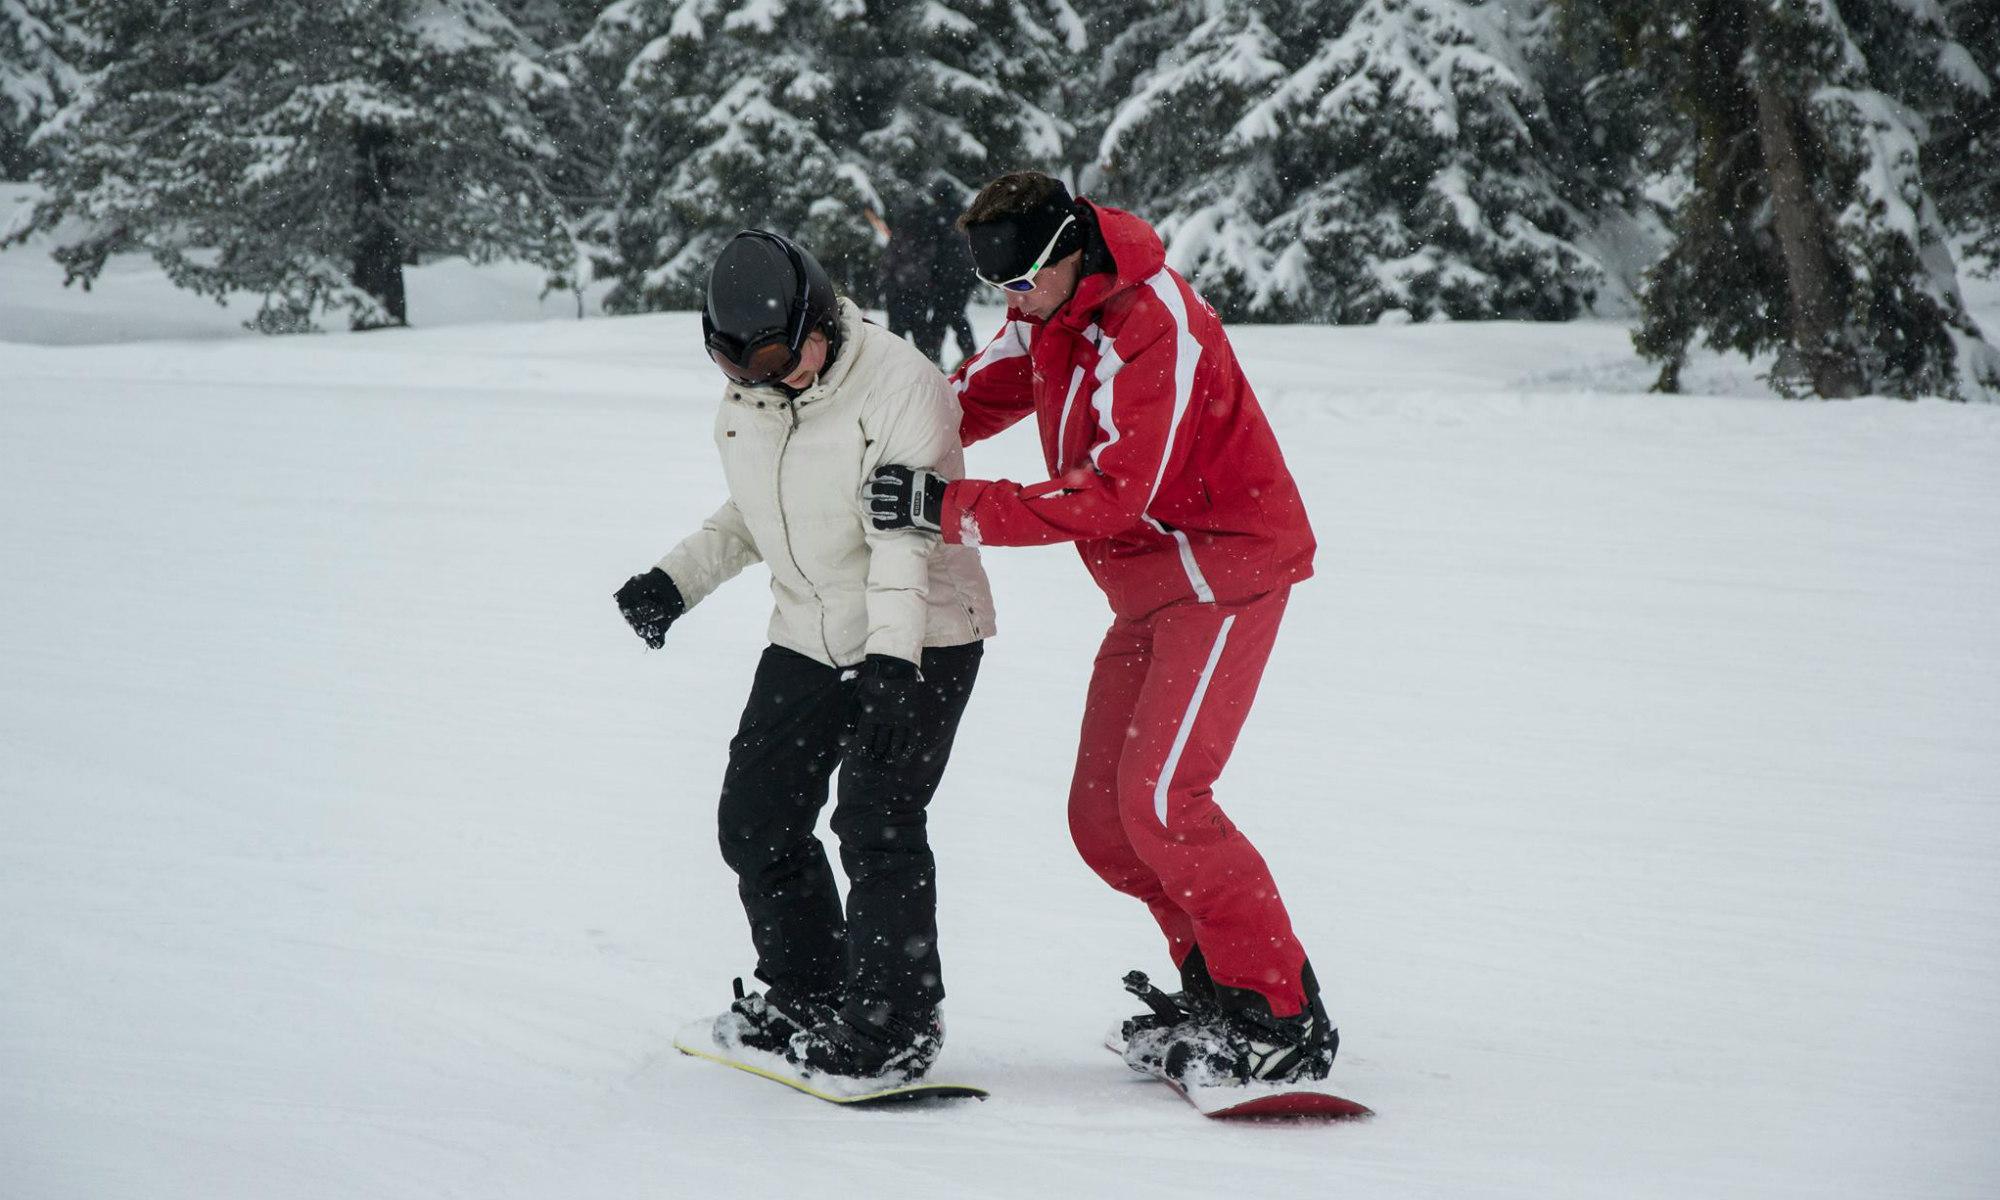 Eine Frau lernt das Snowboarden in einem privaten Snowboardkurs im Skigebiet Kreischberg in Österreich.